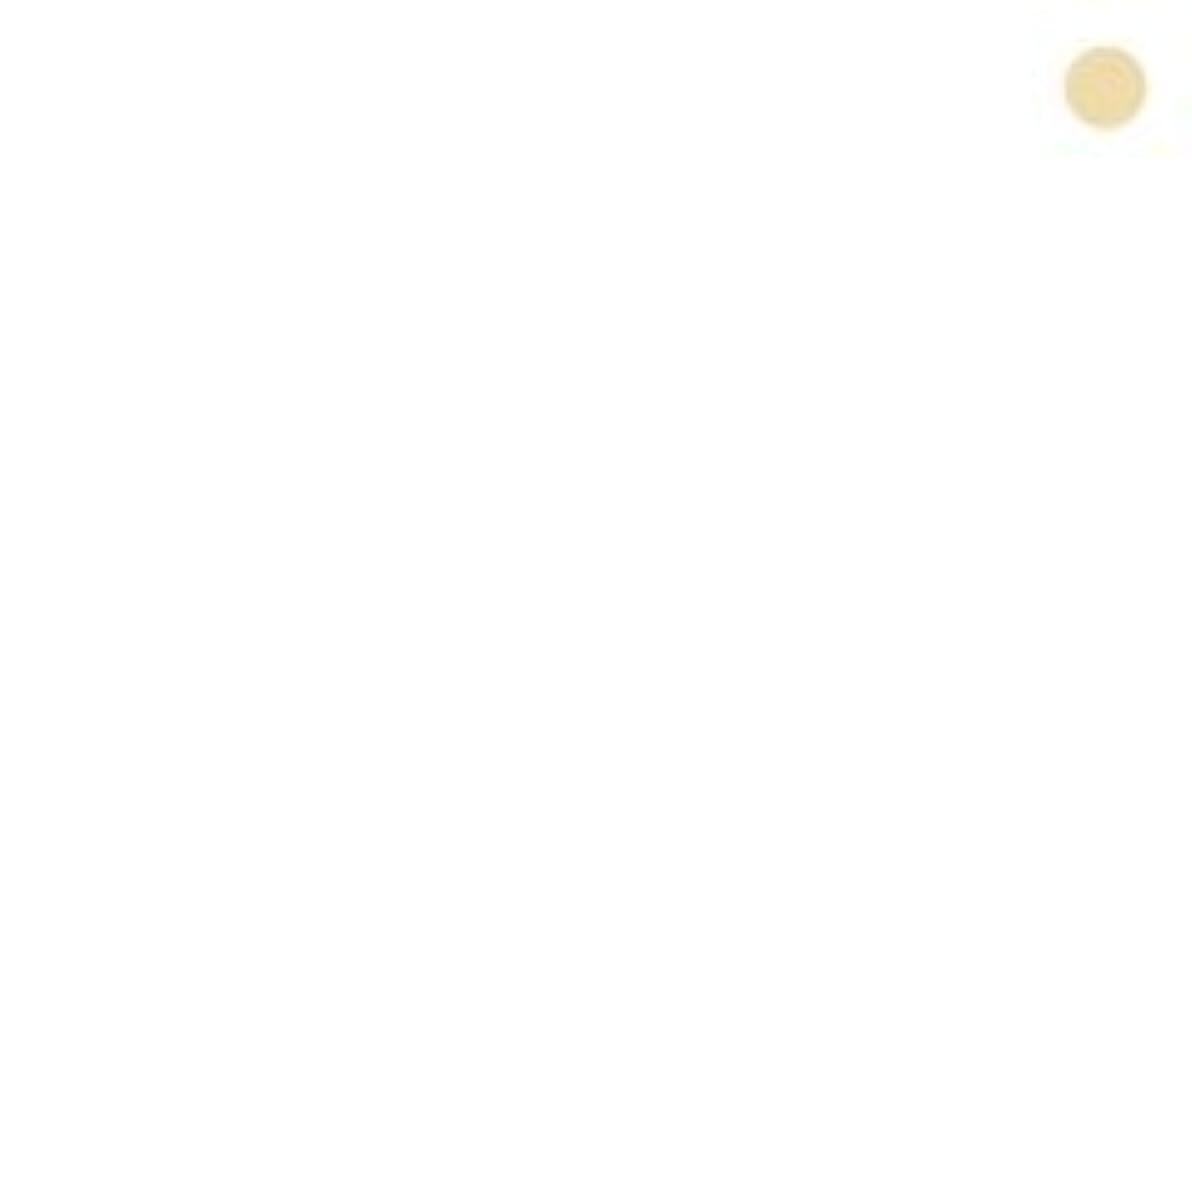 内向きシリアル広範囲【カバーマーク】ジャスミーカラー パウダリーファンデーション #BN20 (レフィル)